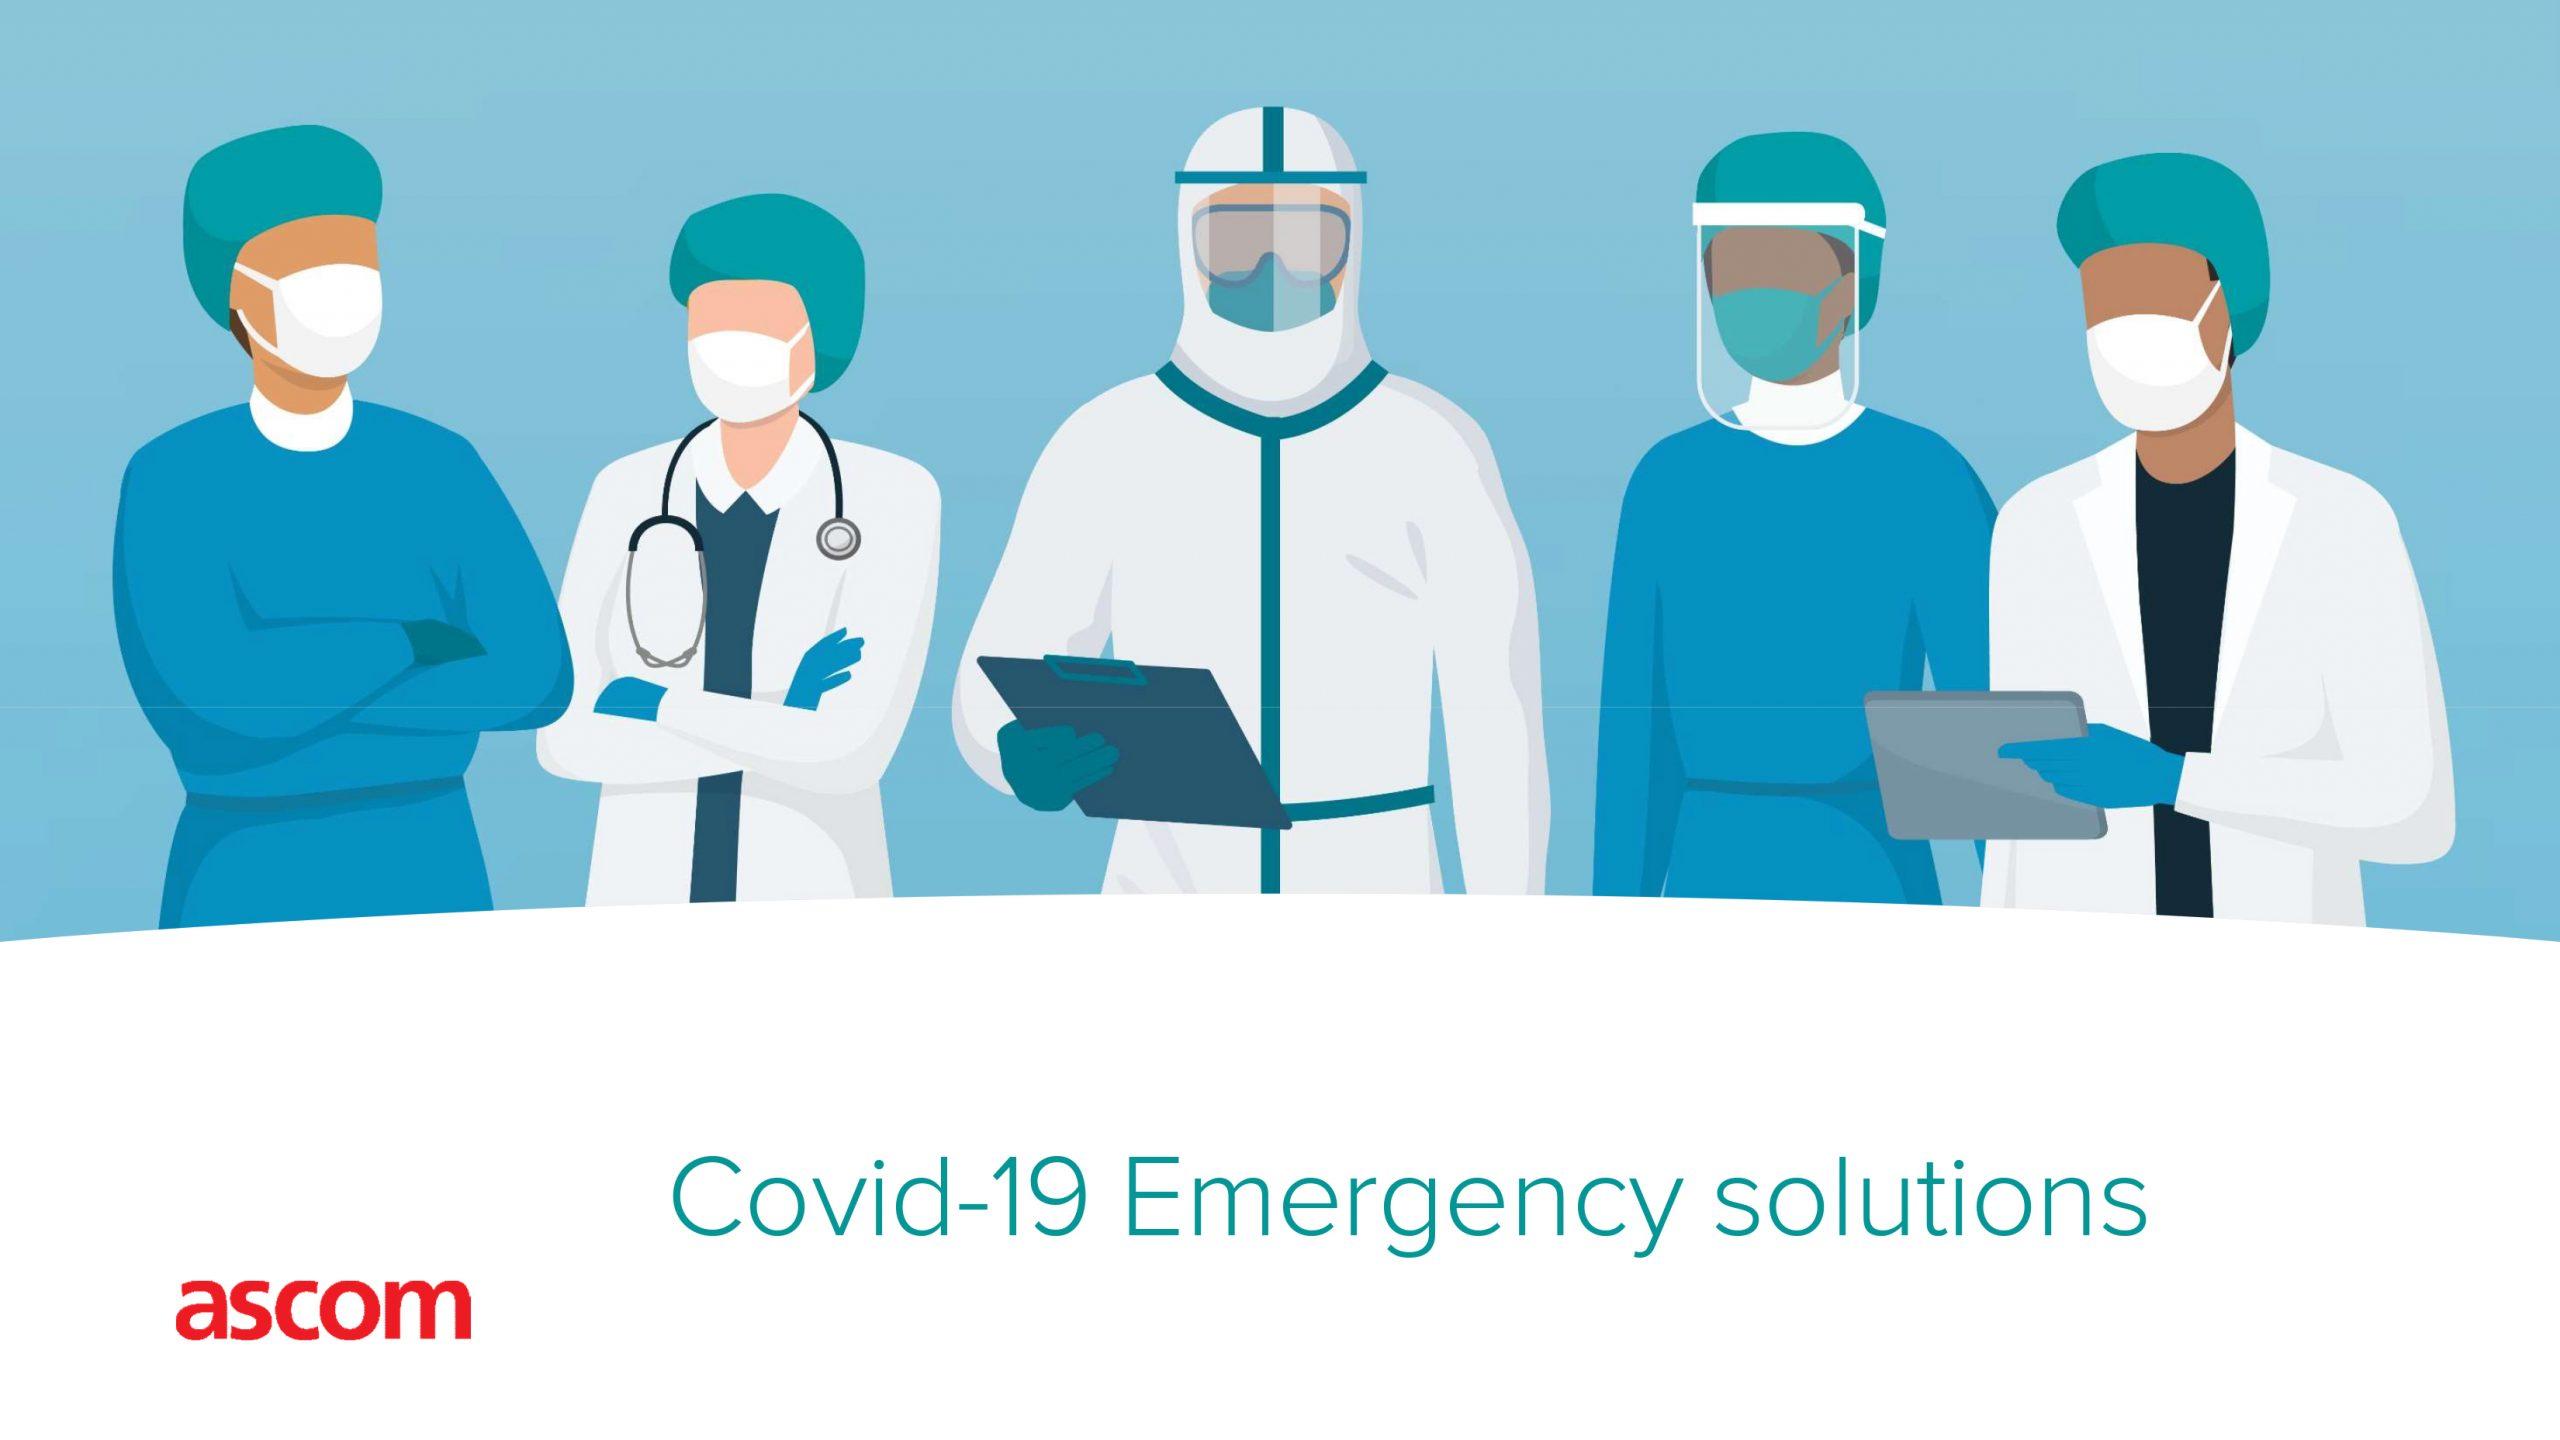 5 consigli su come fronteggiare l'emergenza Covid-19 secondo Ascom